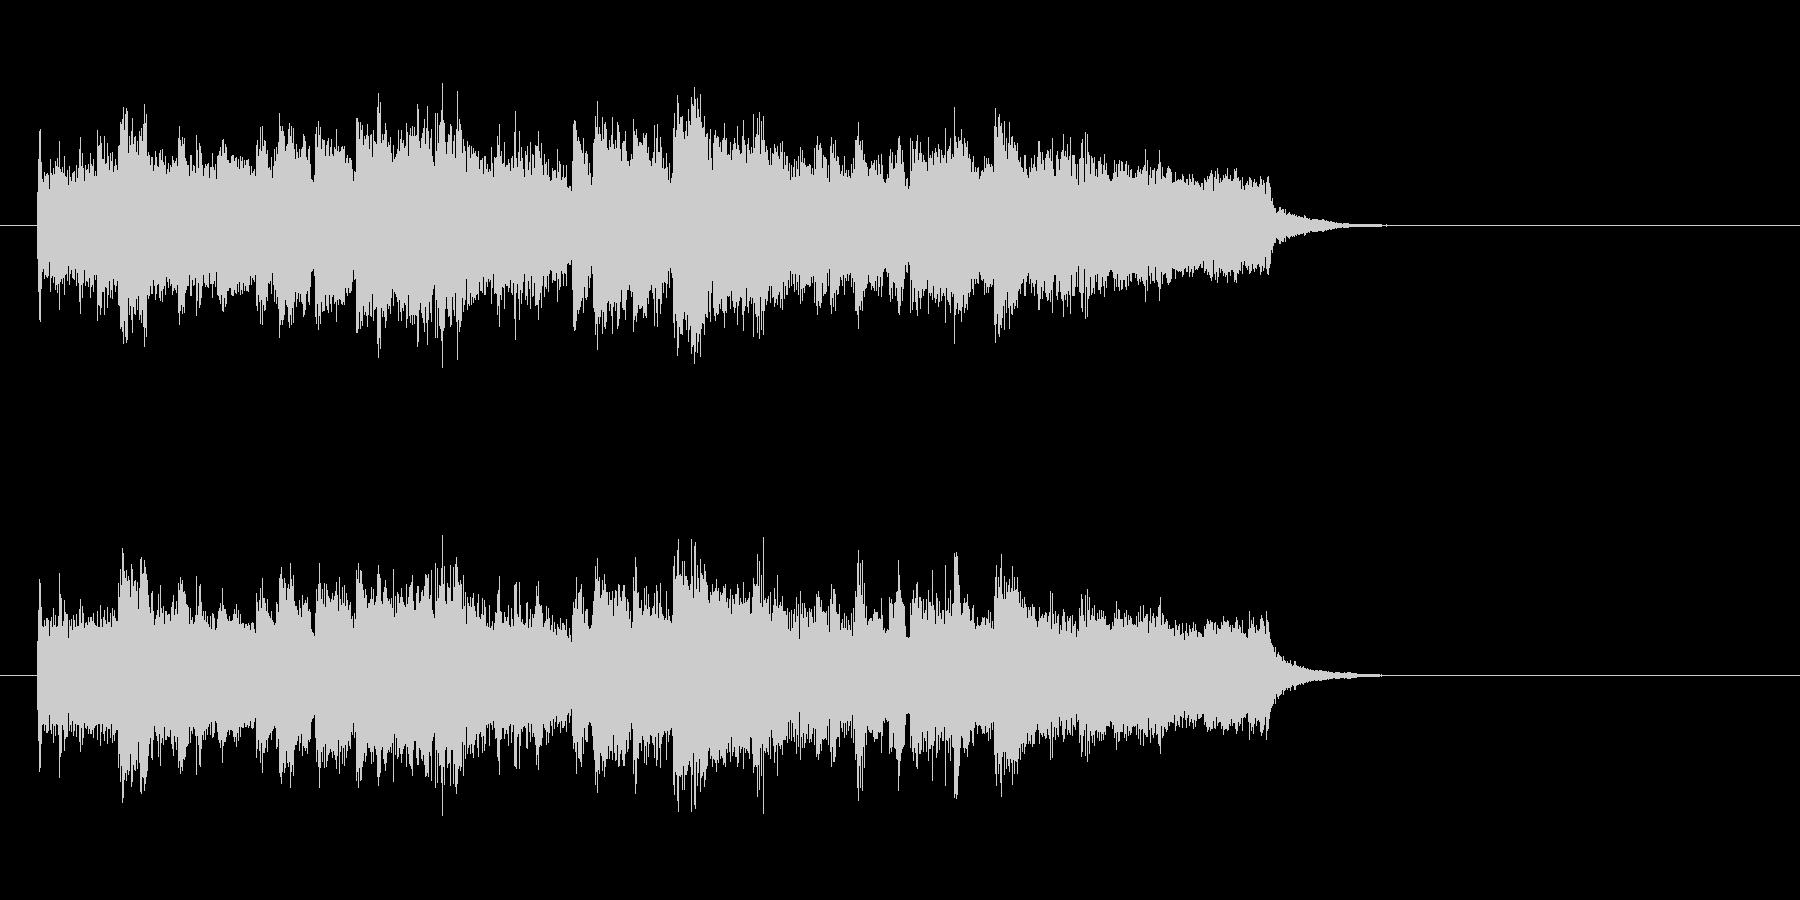 円熟エモーショナル・バラードの未再生の波形